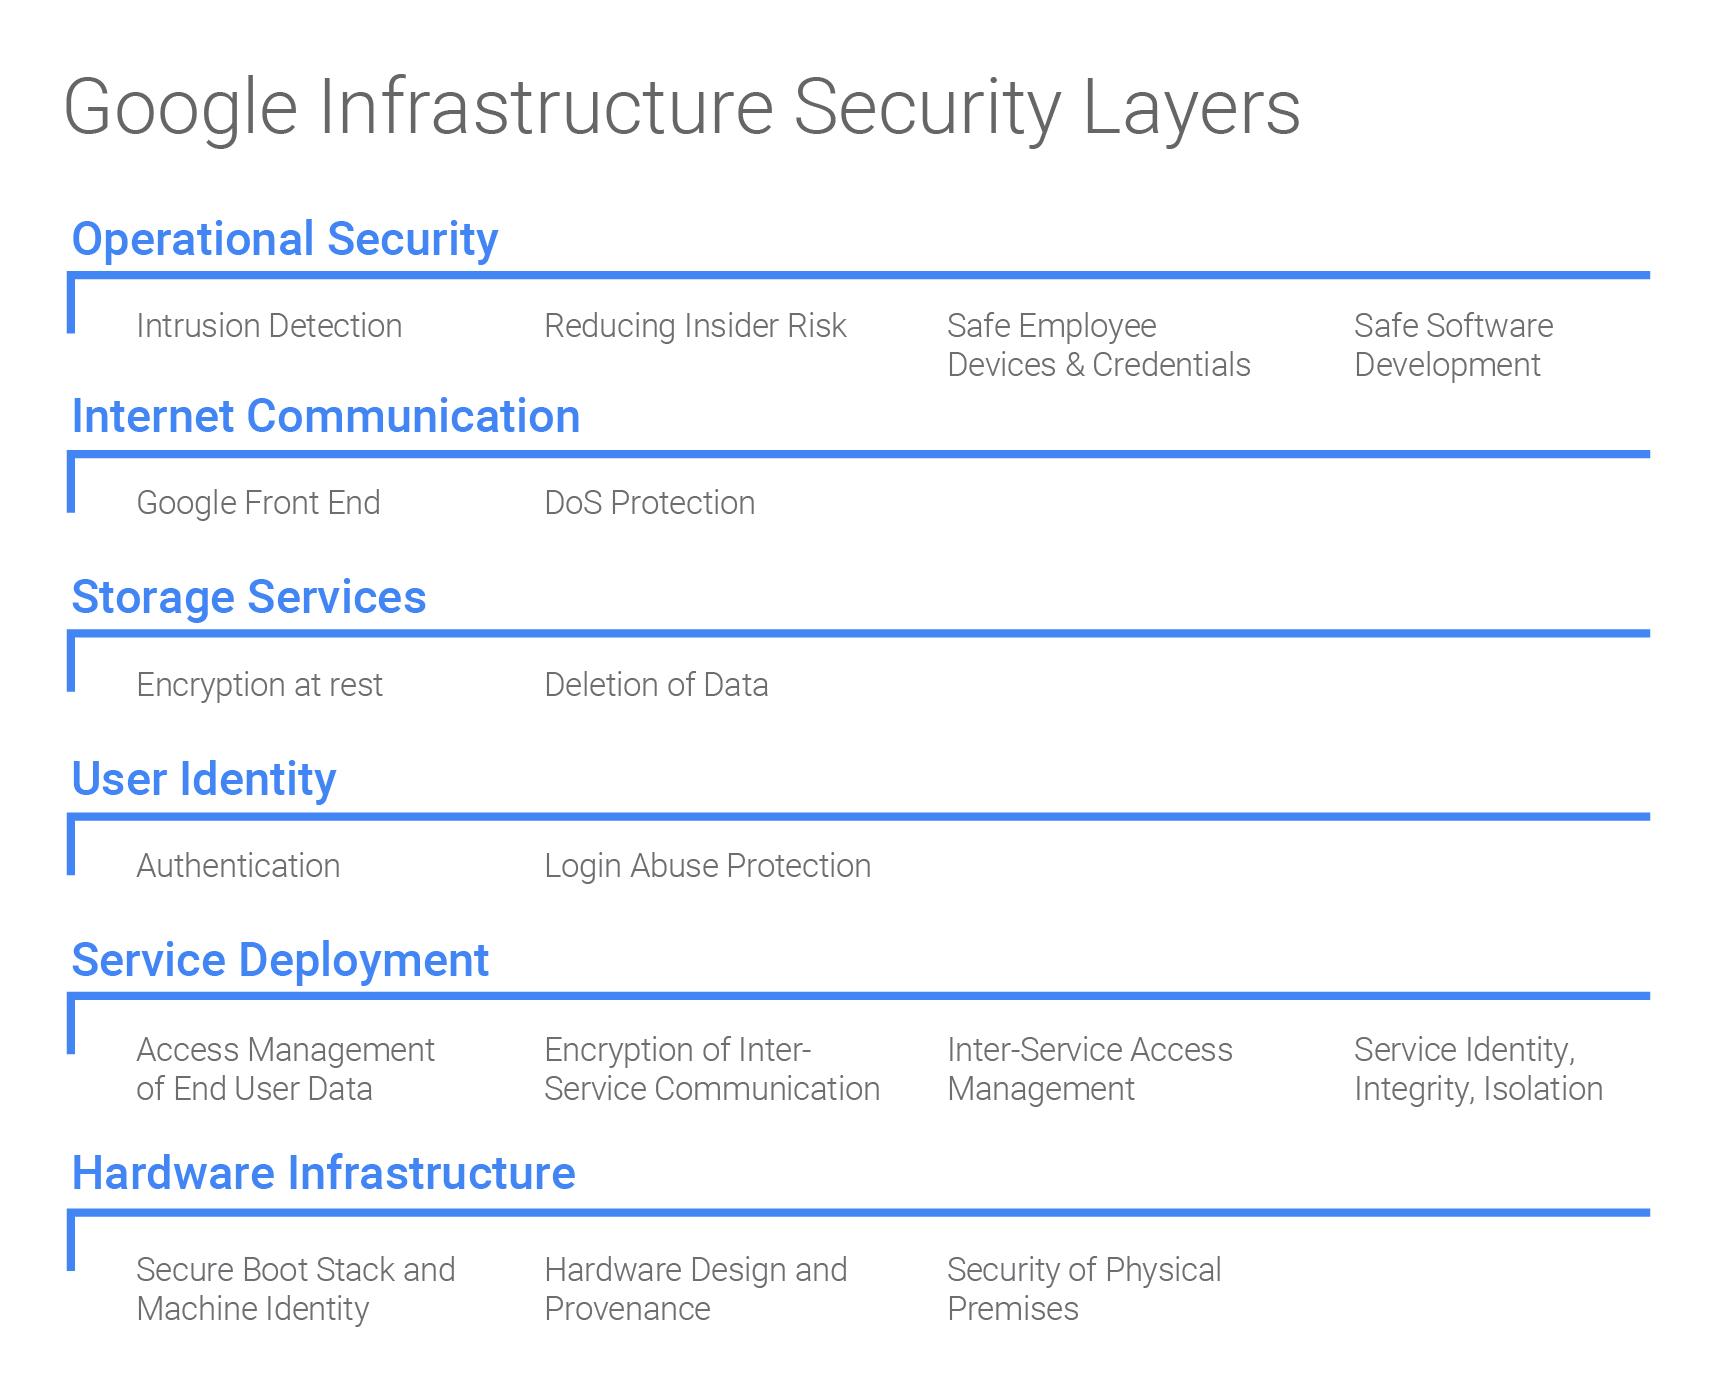 Las capas de seguridad incluyen la seguridad operativa, la comunicación en Internet, los servicios de almacenamiento, la identidad del usuario, la implementación del servicio y la infraestructura de hardware.